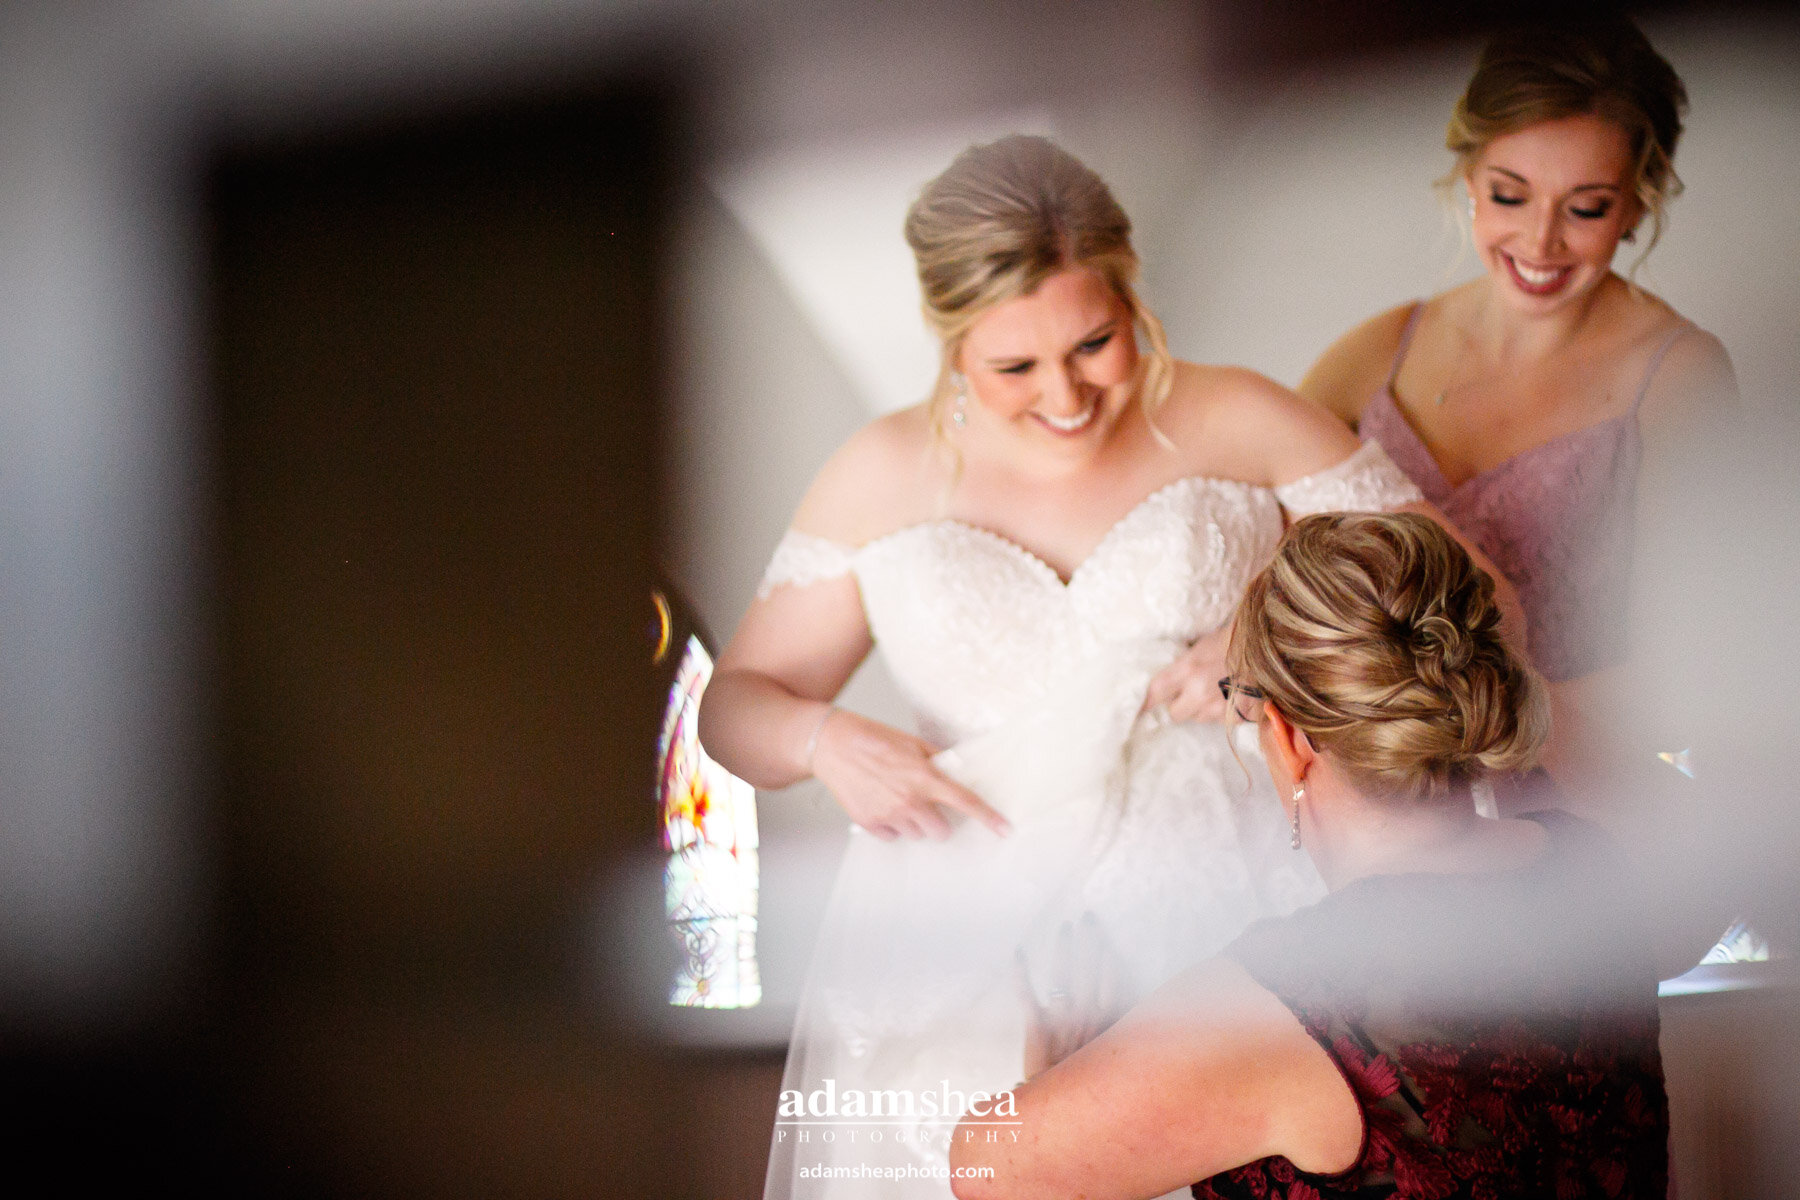 Taylor-Favian-Sepia-Wedding-Chapel-Adam-Shea-Photography-Two-Rivers-WI00003.jpg